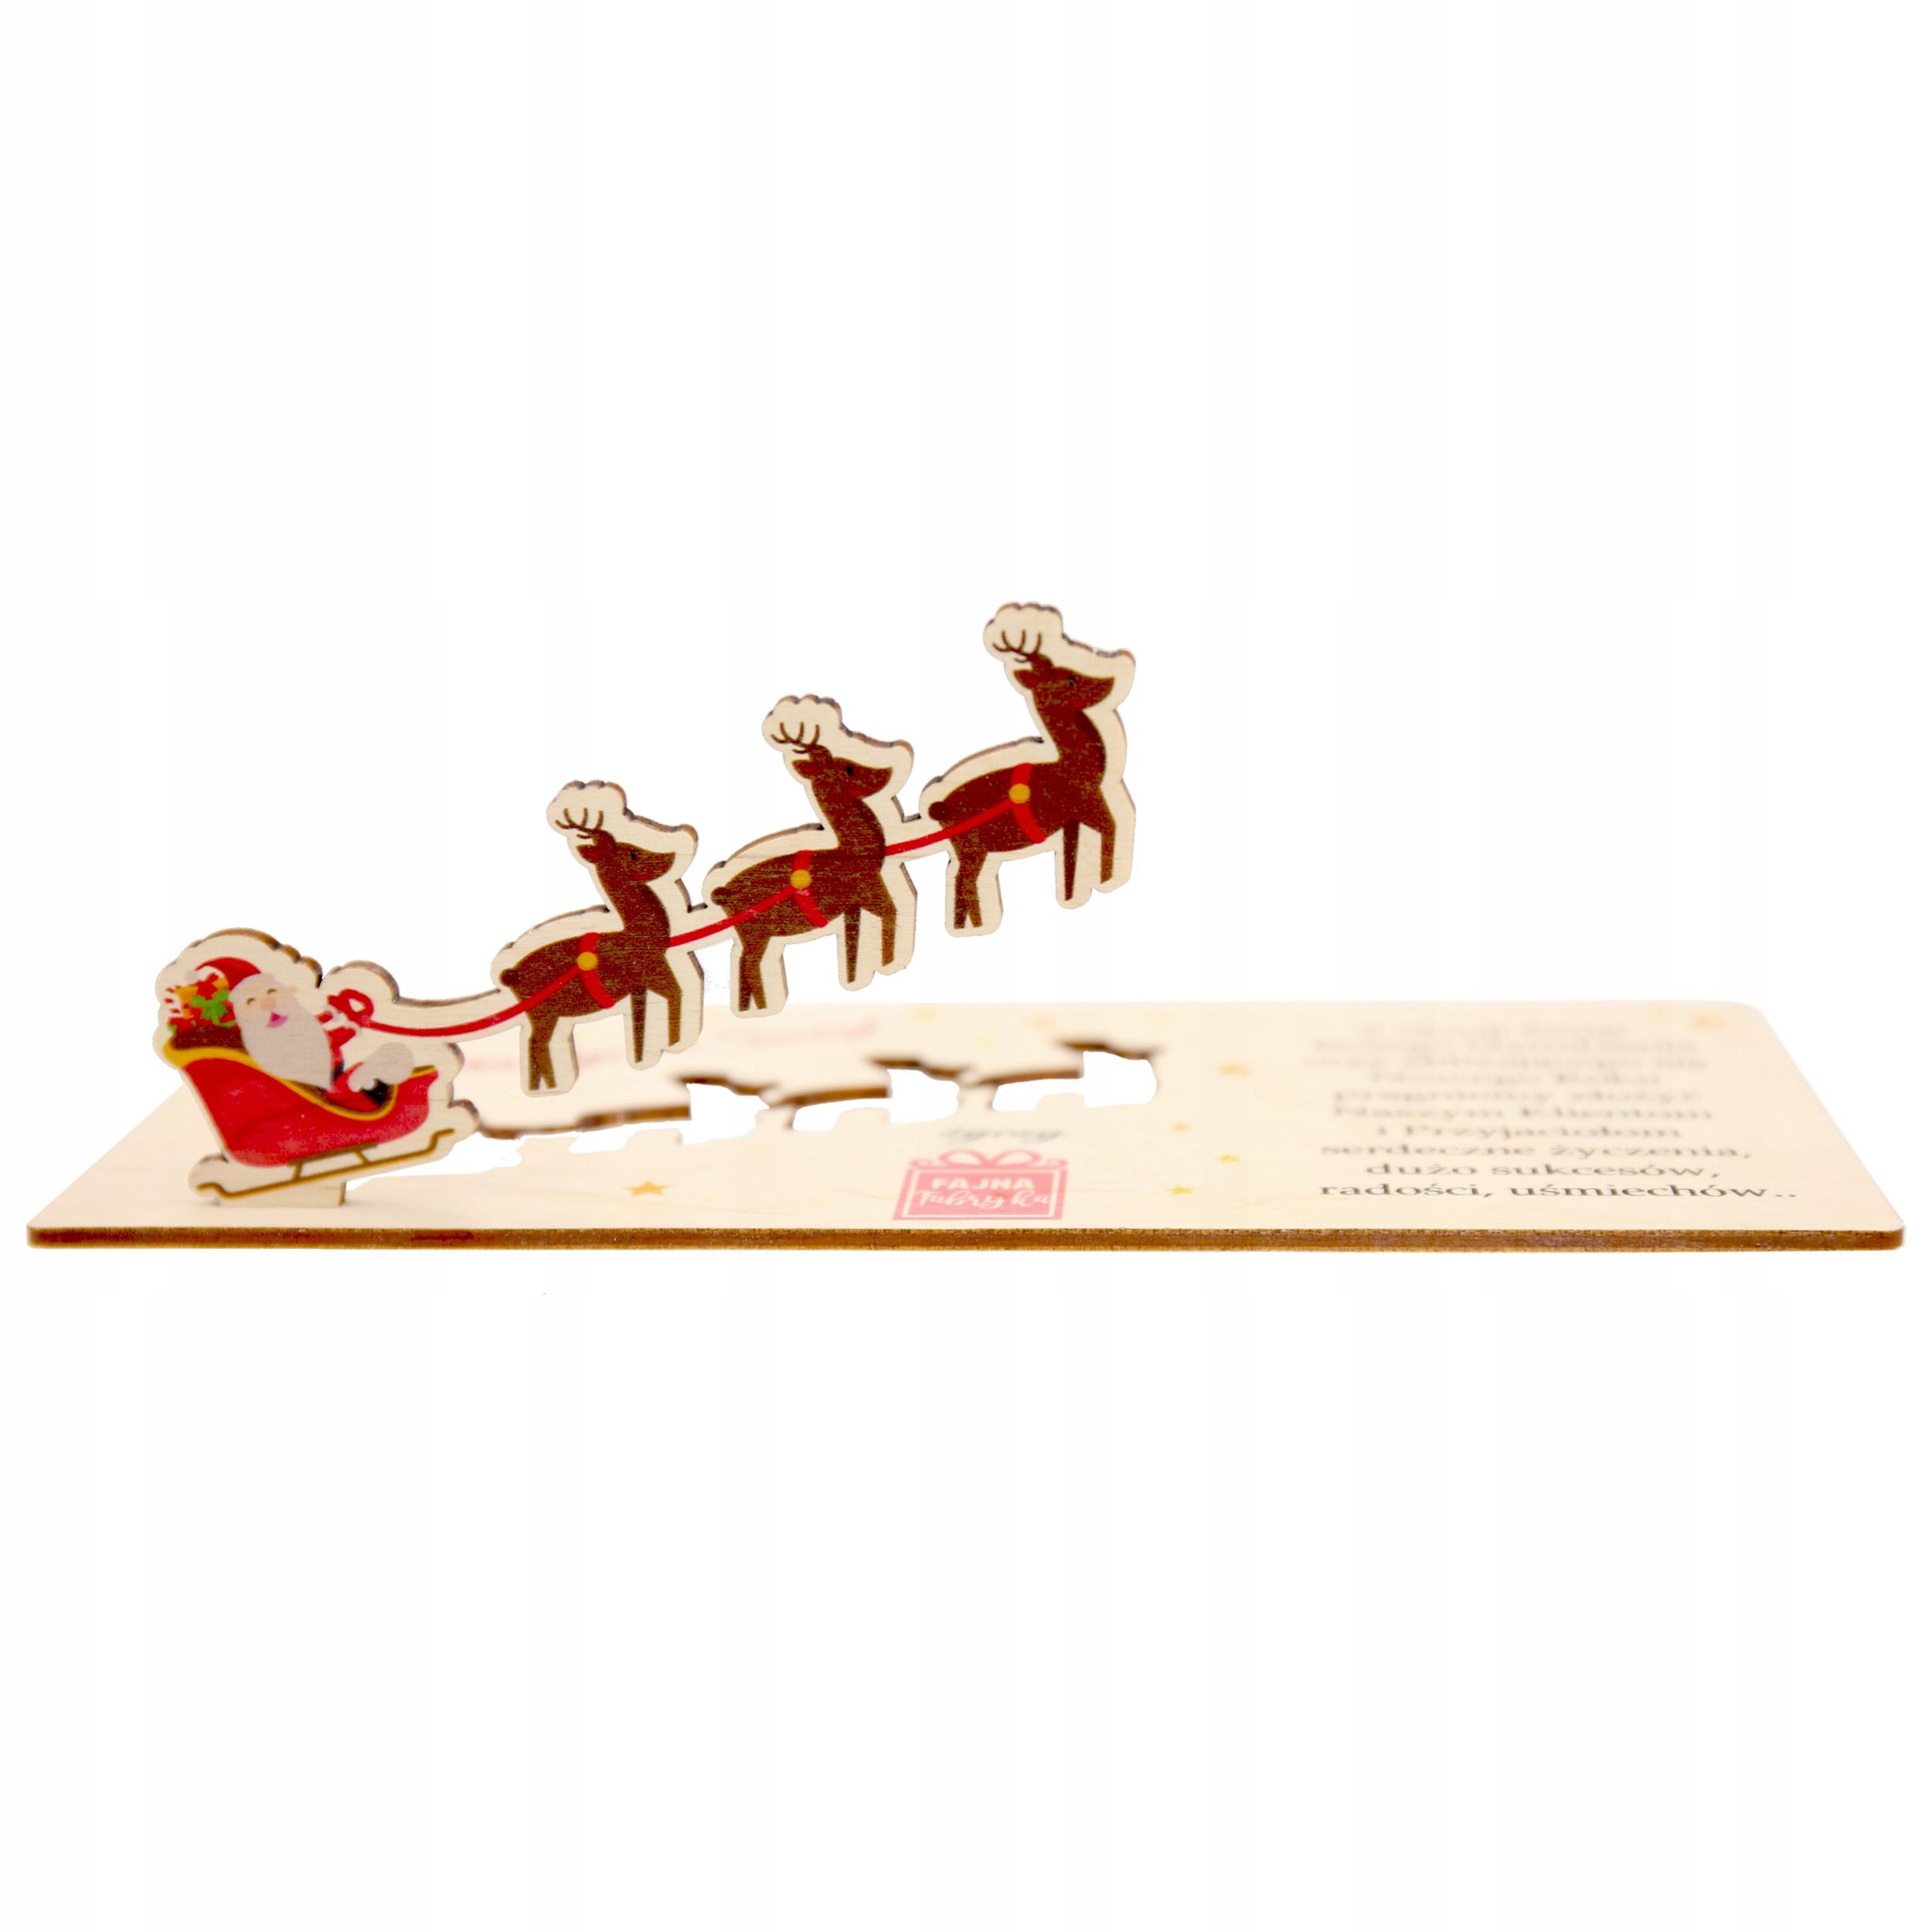 Vianočné karta Spoločnosť Logo Business Serveer